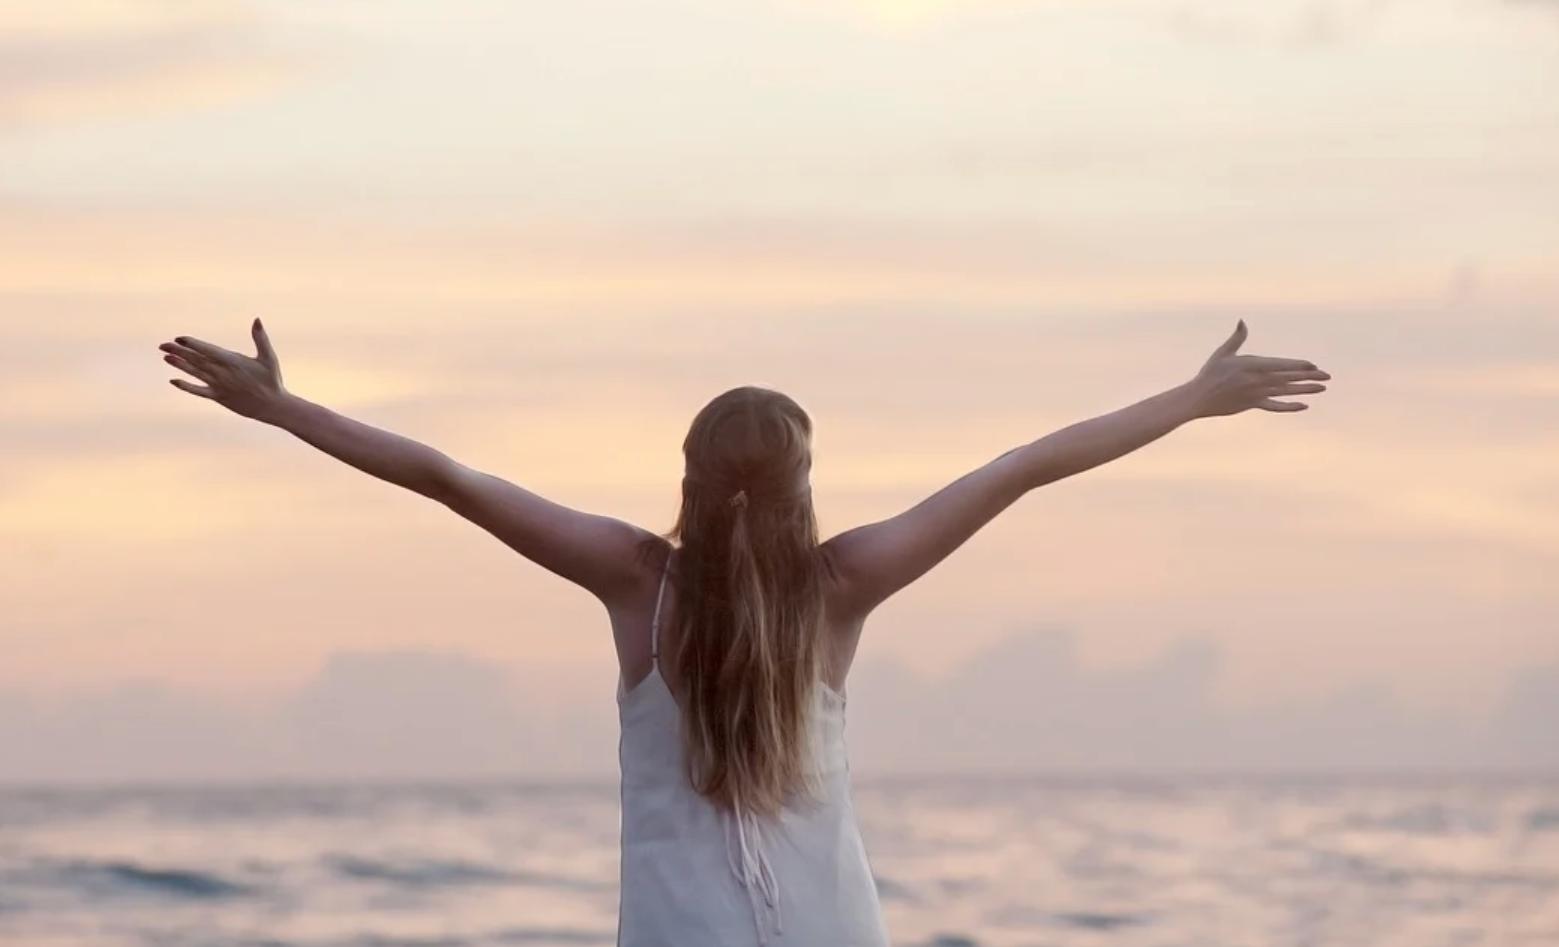 Femme libre qui étend ses bras sur une plage.